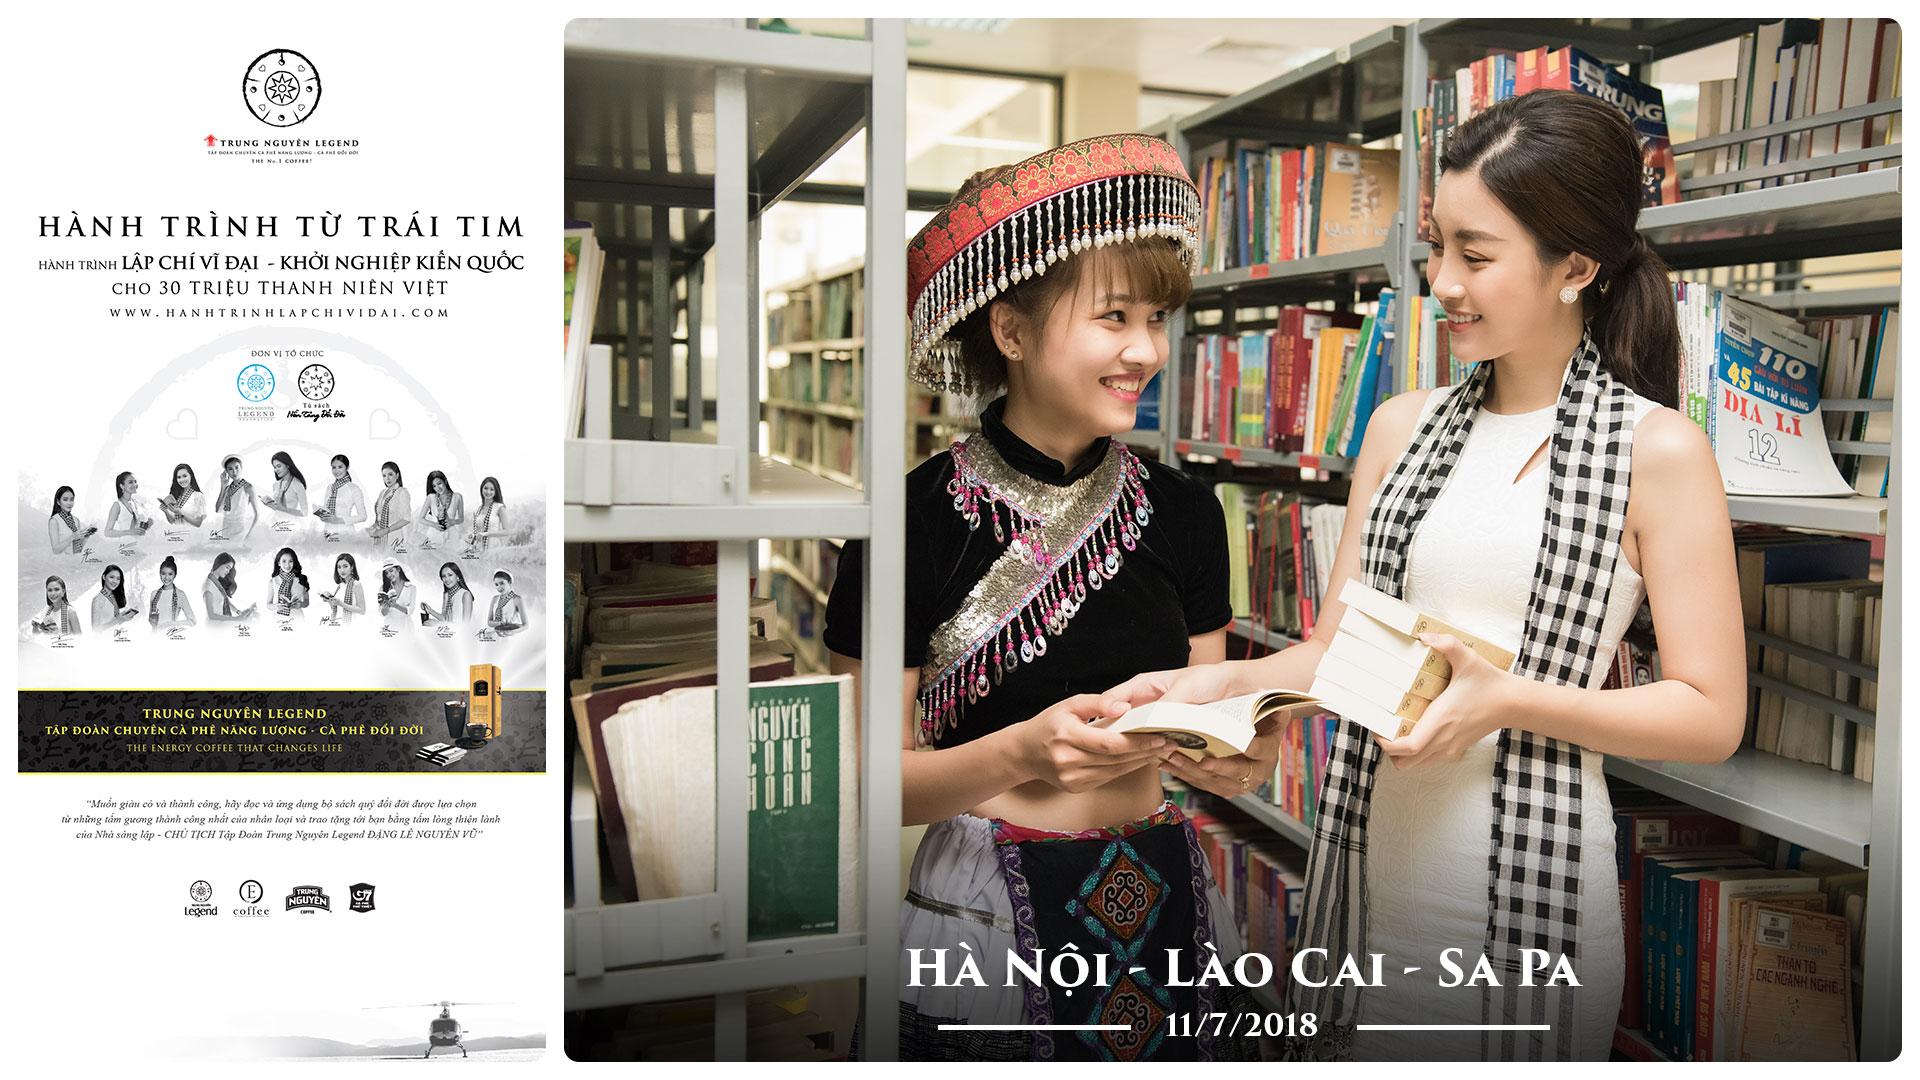 Nhật ký Hành Trình Từ Trái Tim – Ngày 11/7/2018 – Hà Nội – Lào Cai